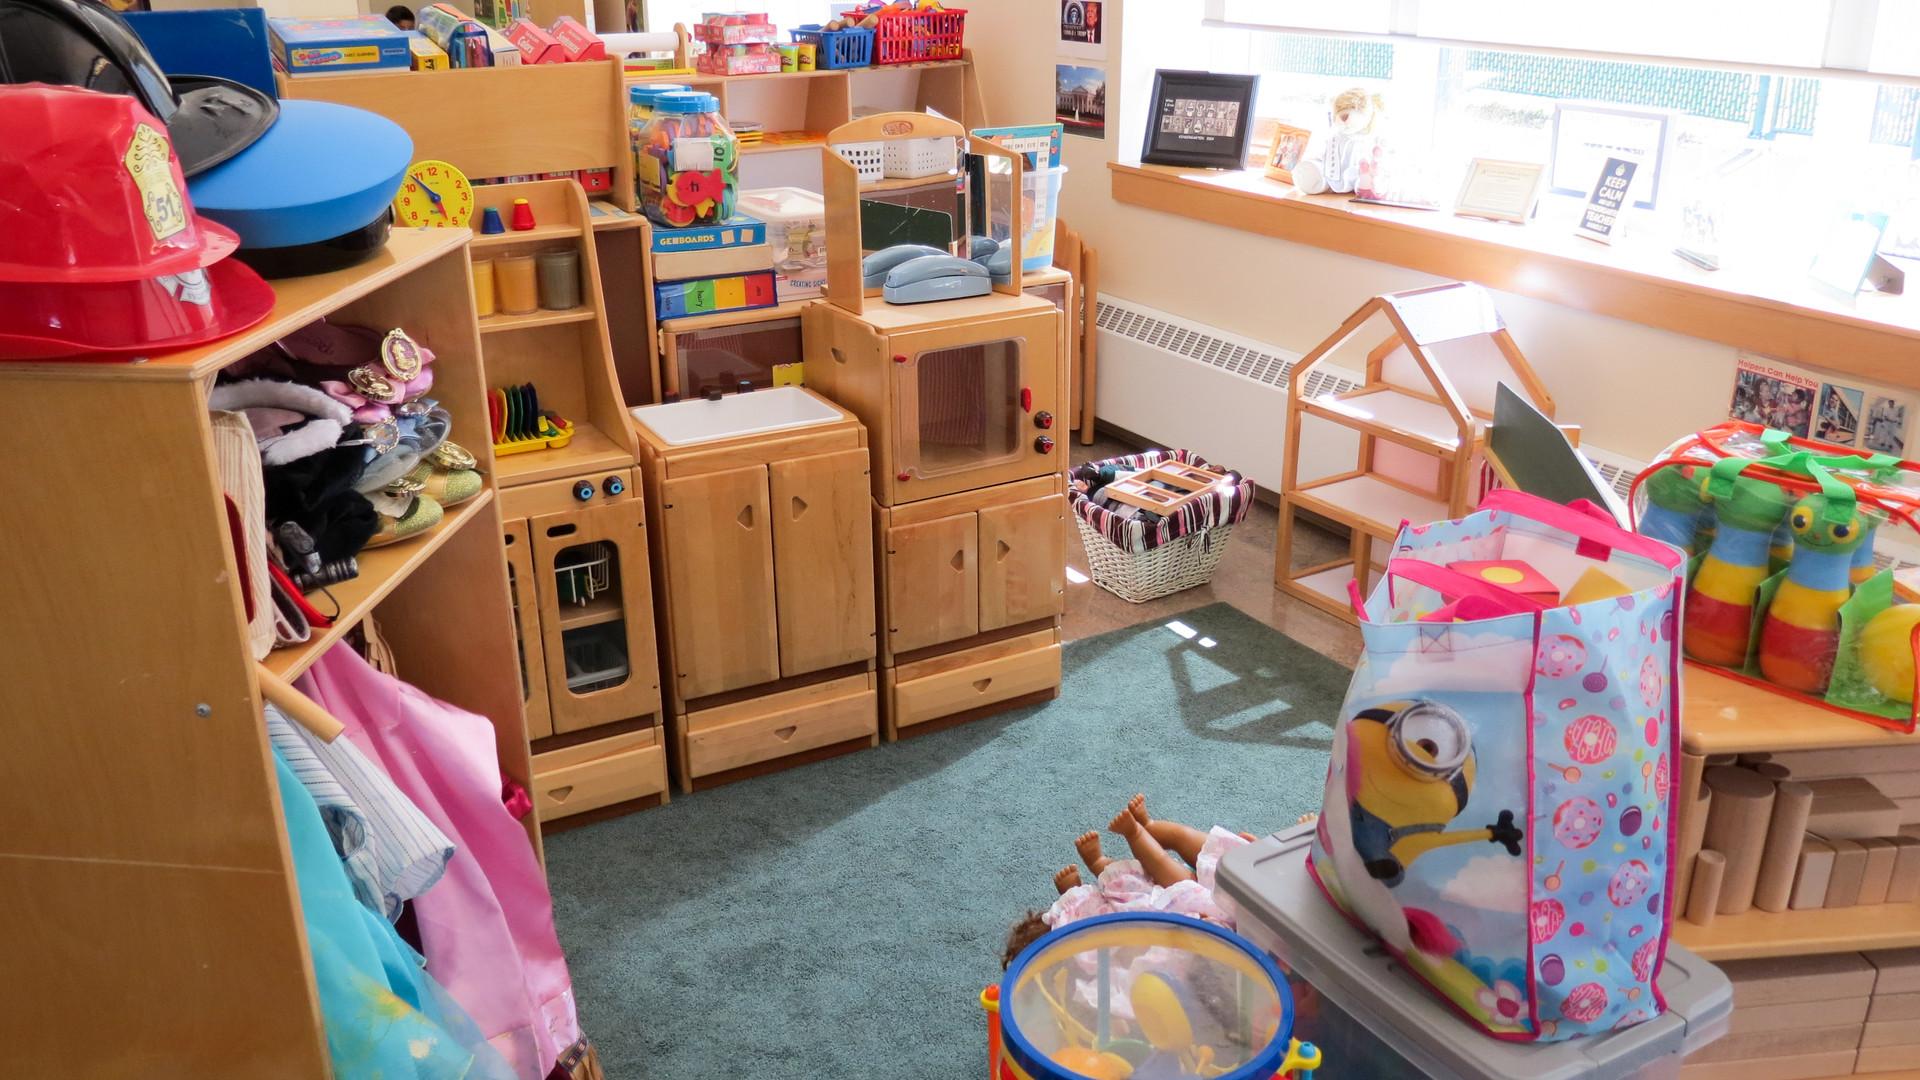 KindergartenRoom_4.jpg